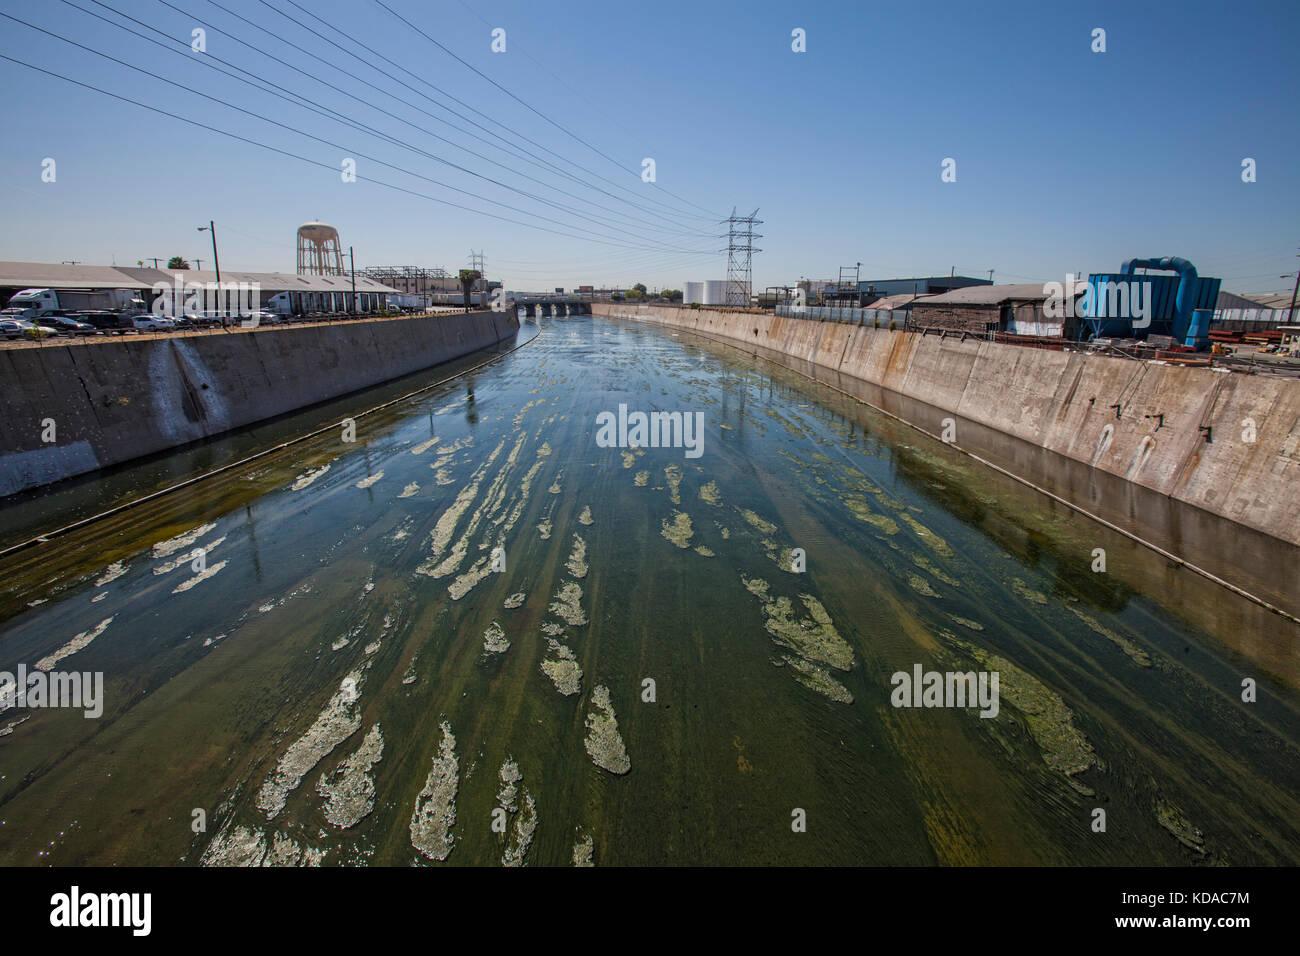 Los angeles River in der Nähe der Innenstadt von Los Angeles, Kalifornien, USA Stockfoto